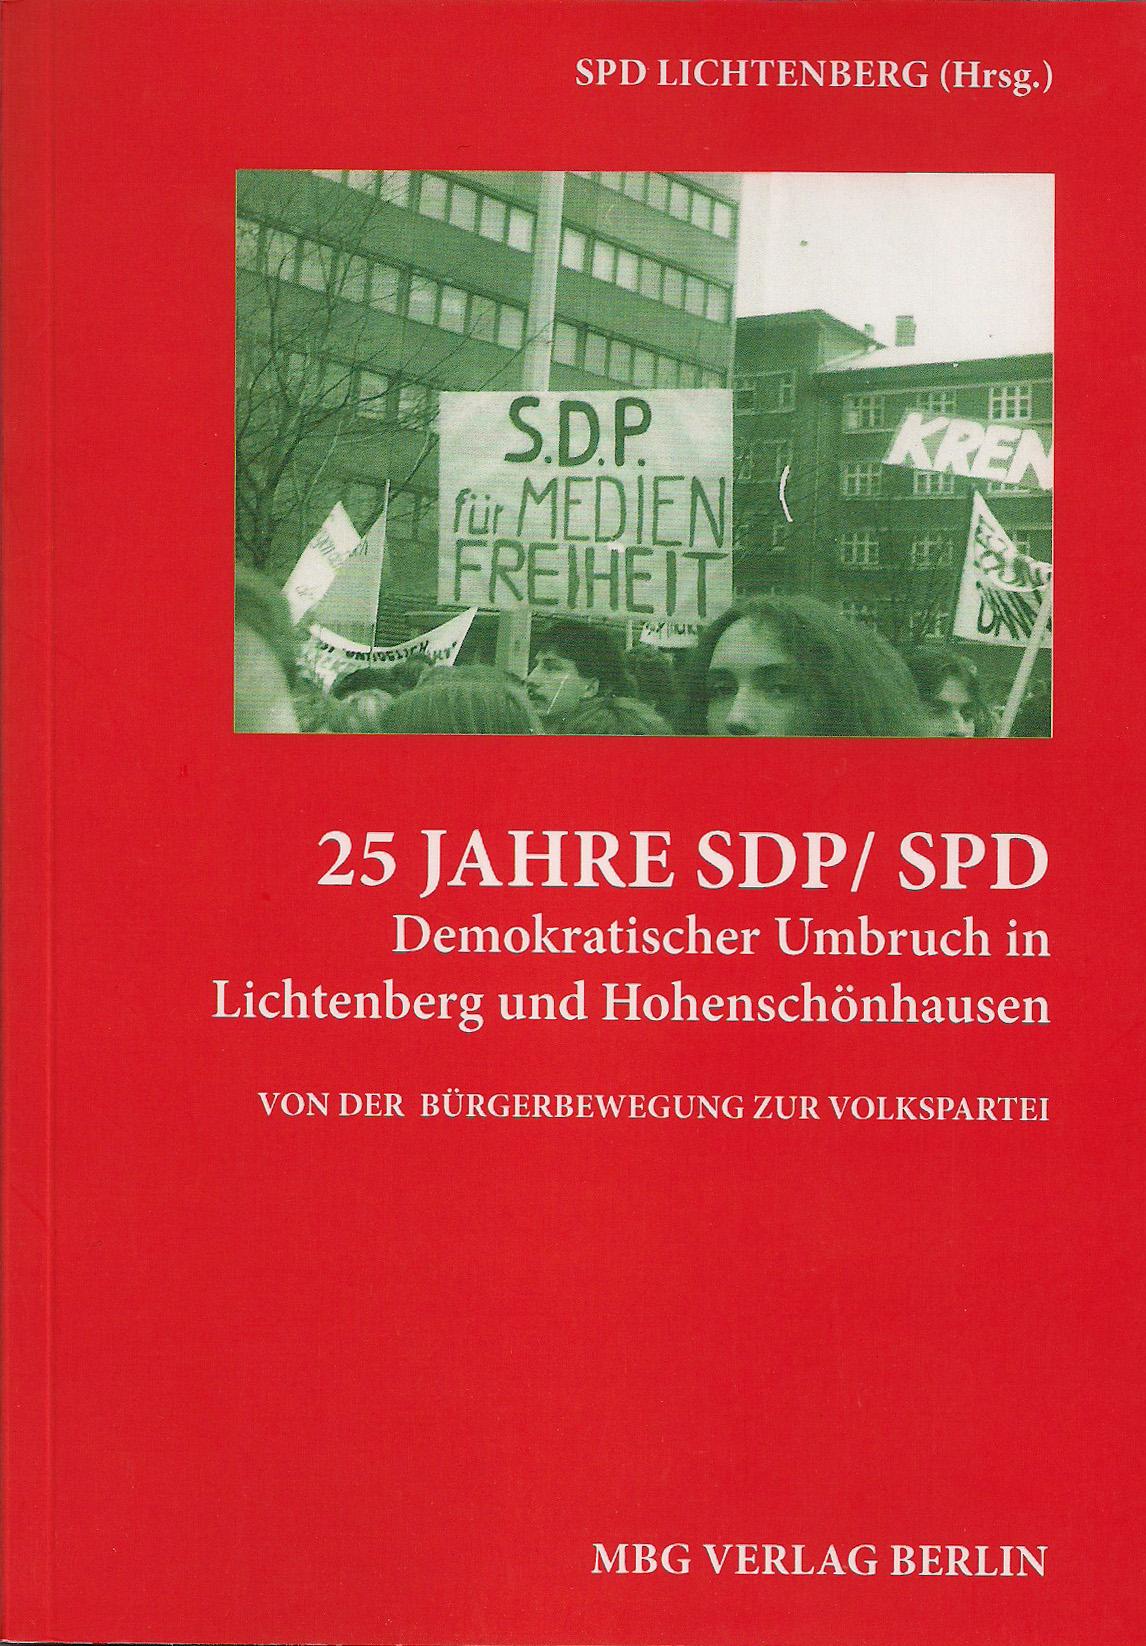 25_Jahre_SDP_SPD.jpg